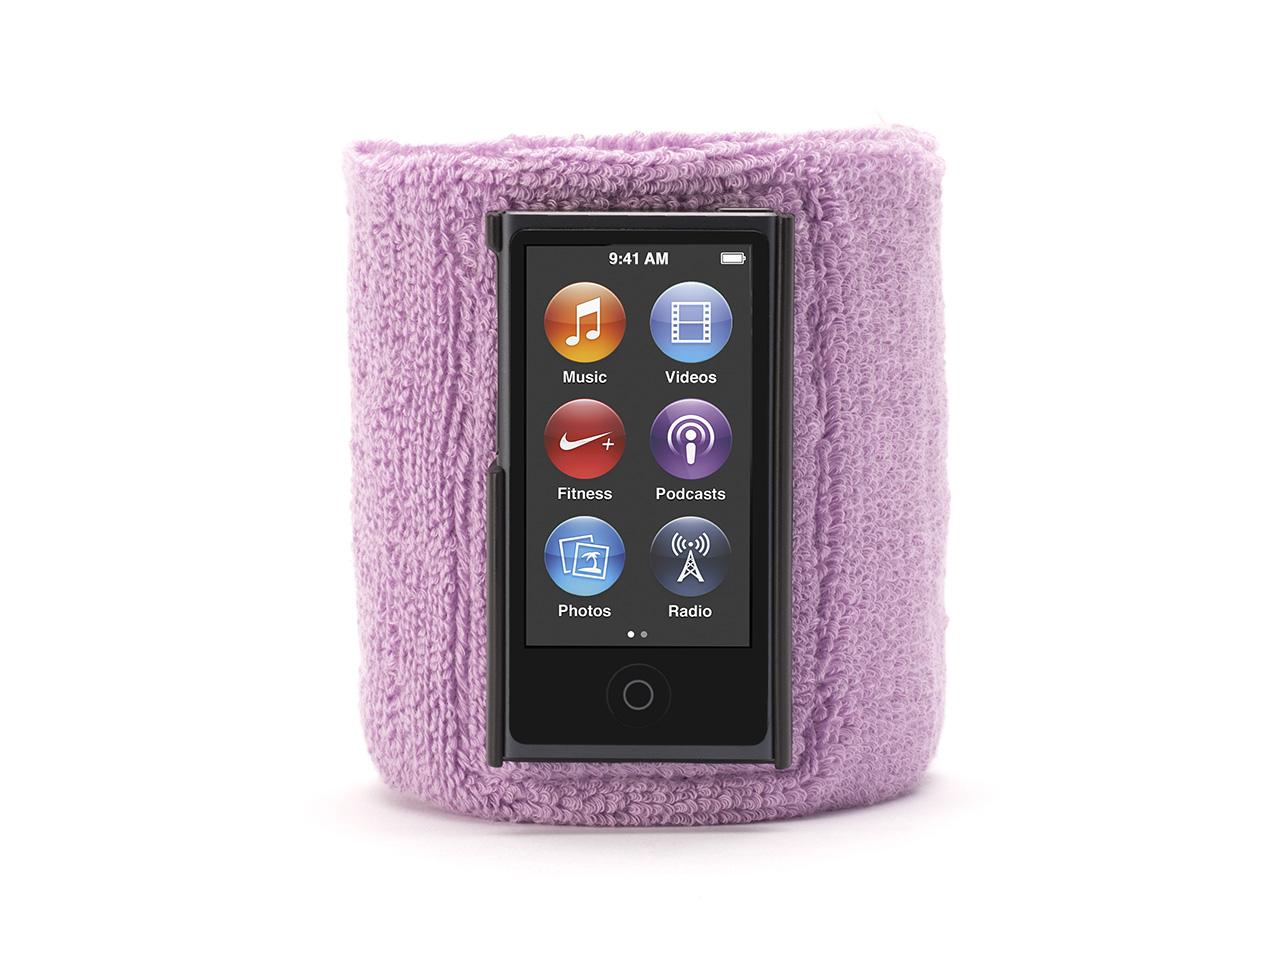 purple sportcuff wristband case for ipod nano 7th gen. Black Bedroom Furniture Sets. Home Design Ideas